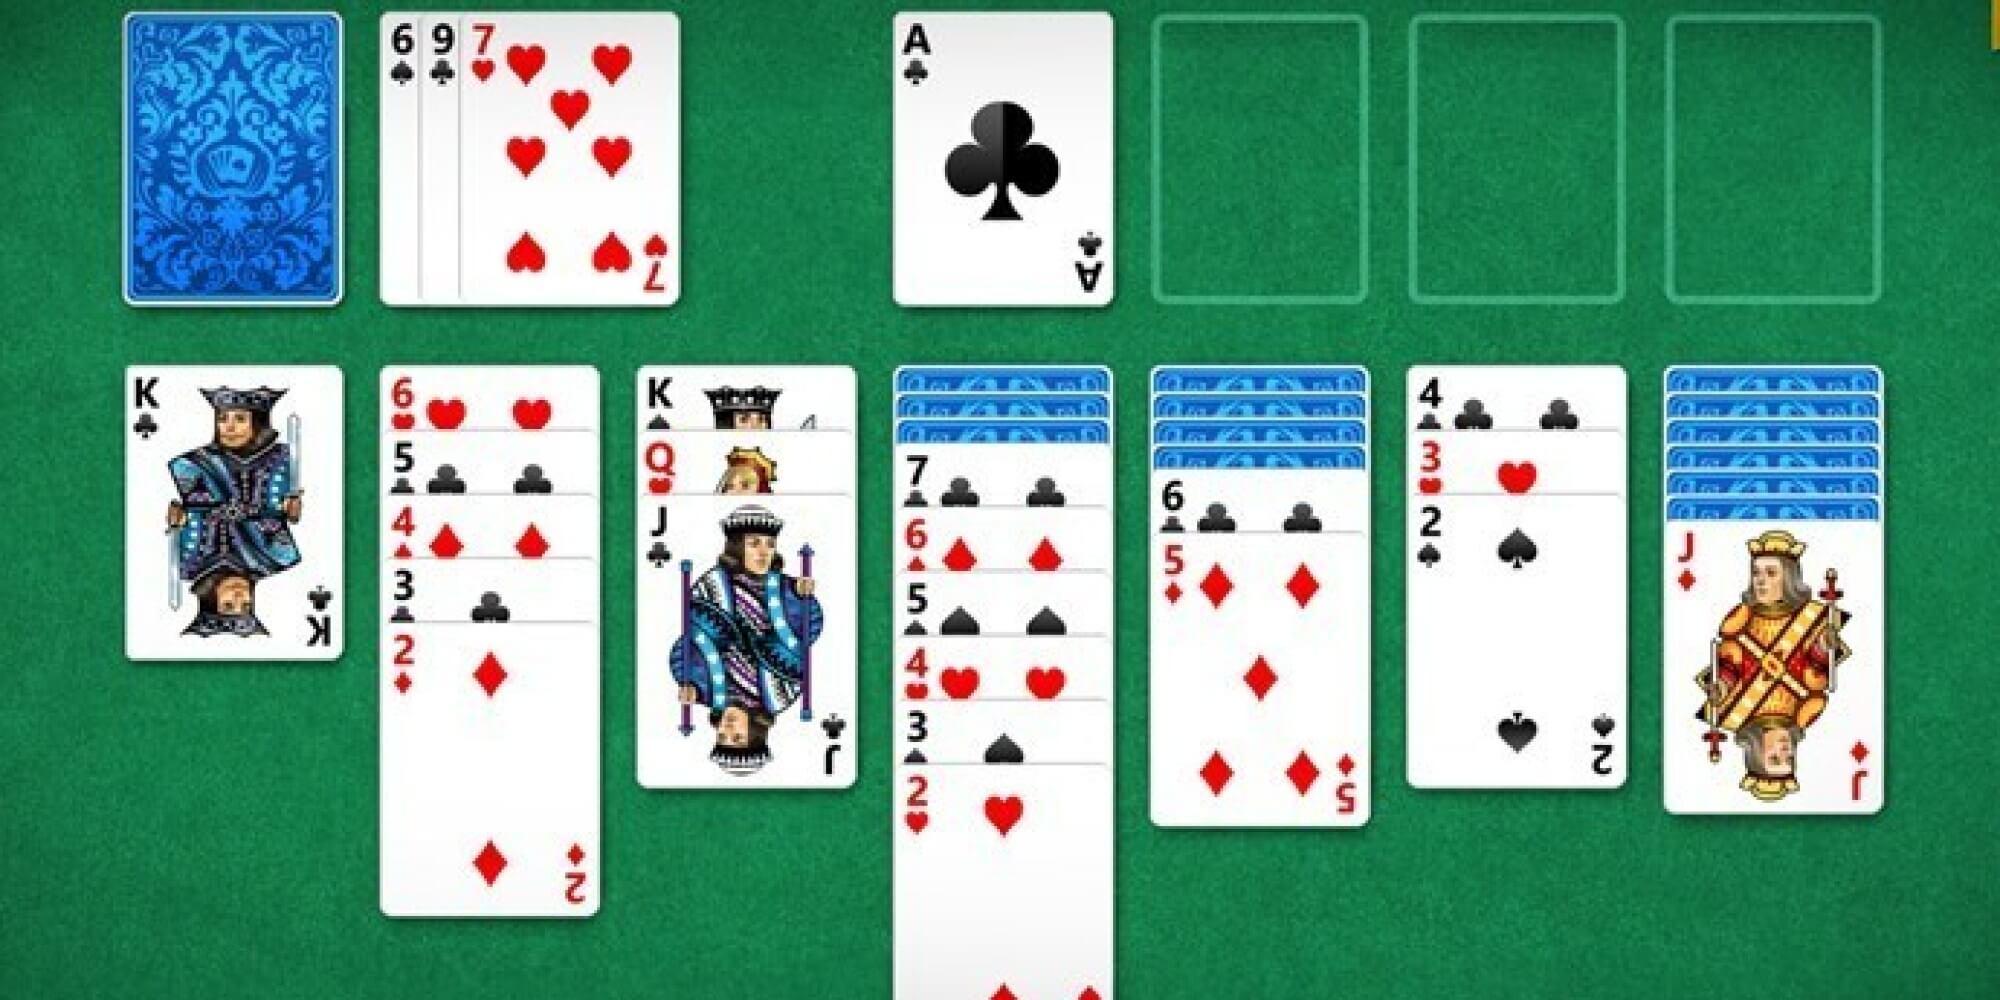 Играть карты пьяница казино 777 скачать бесплатно